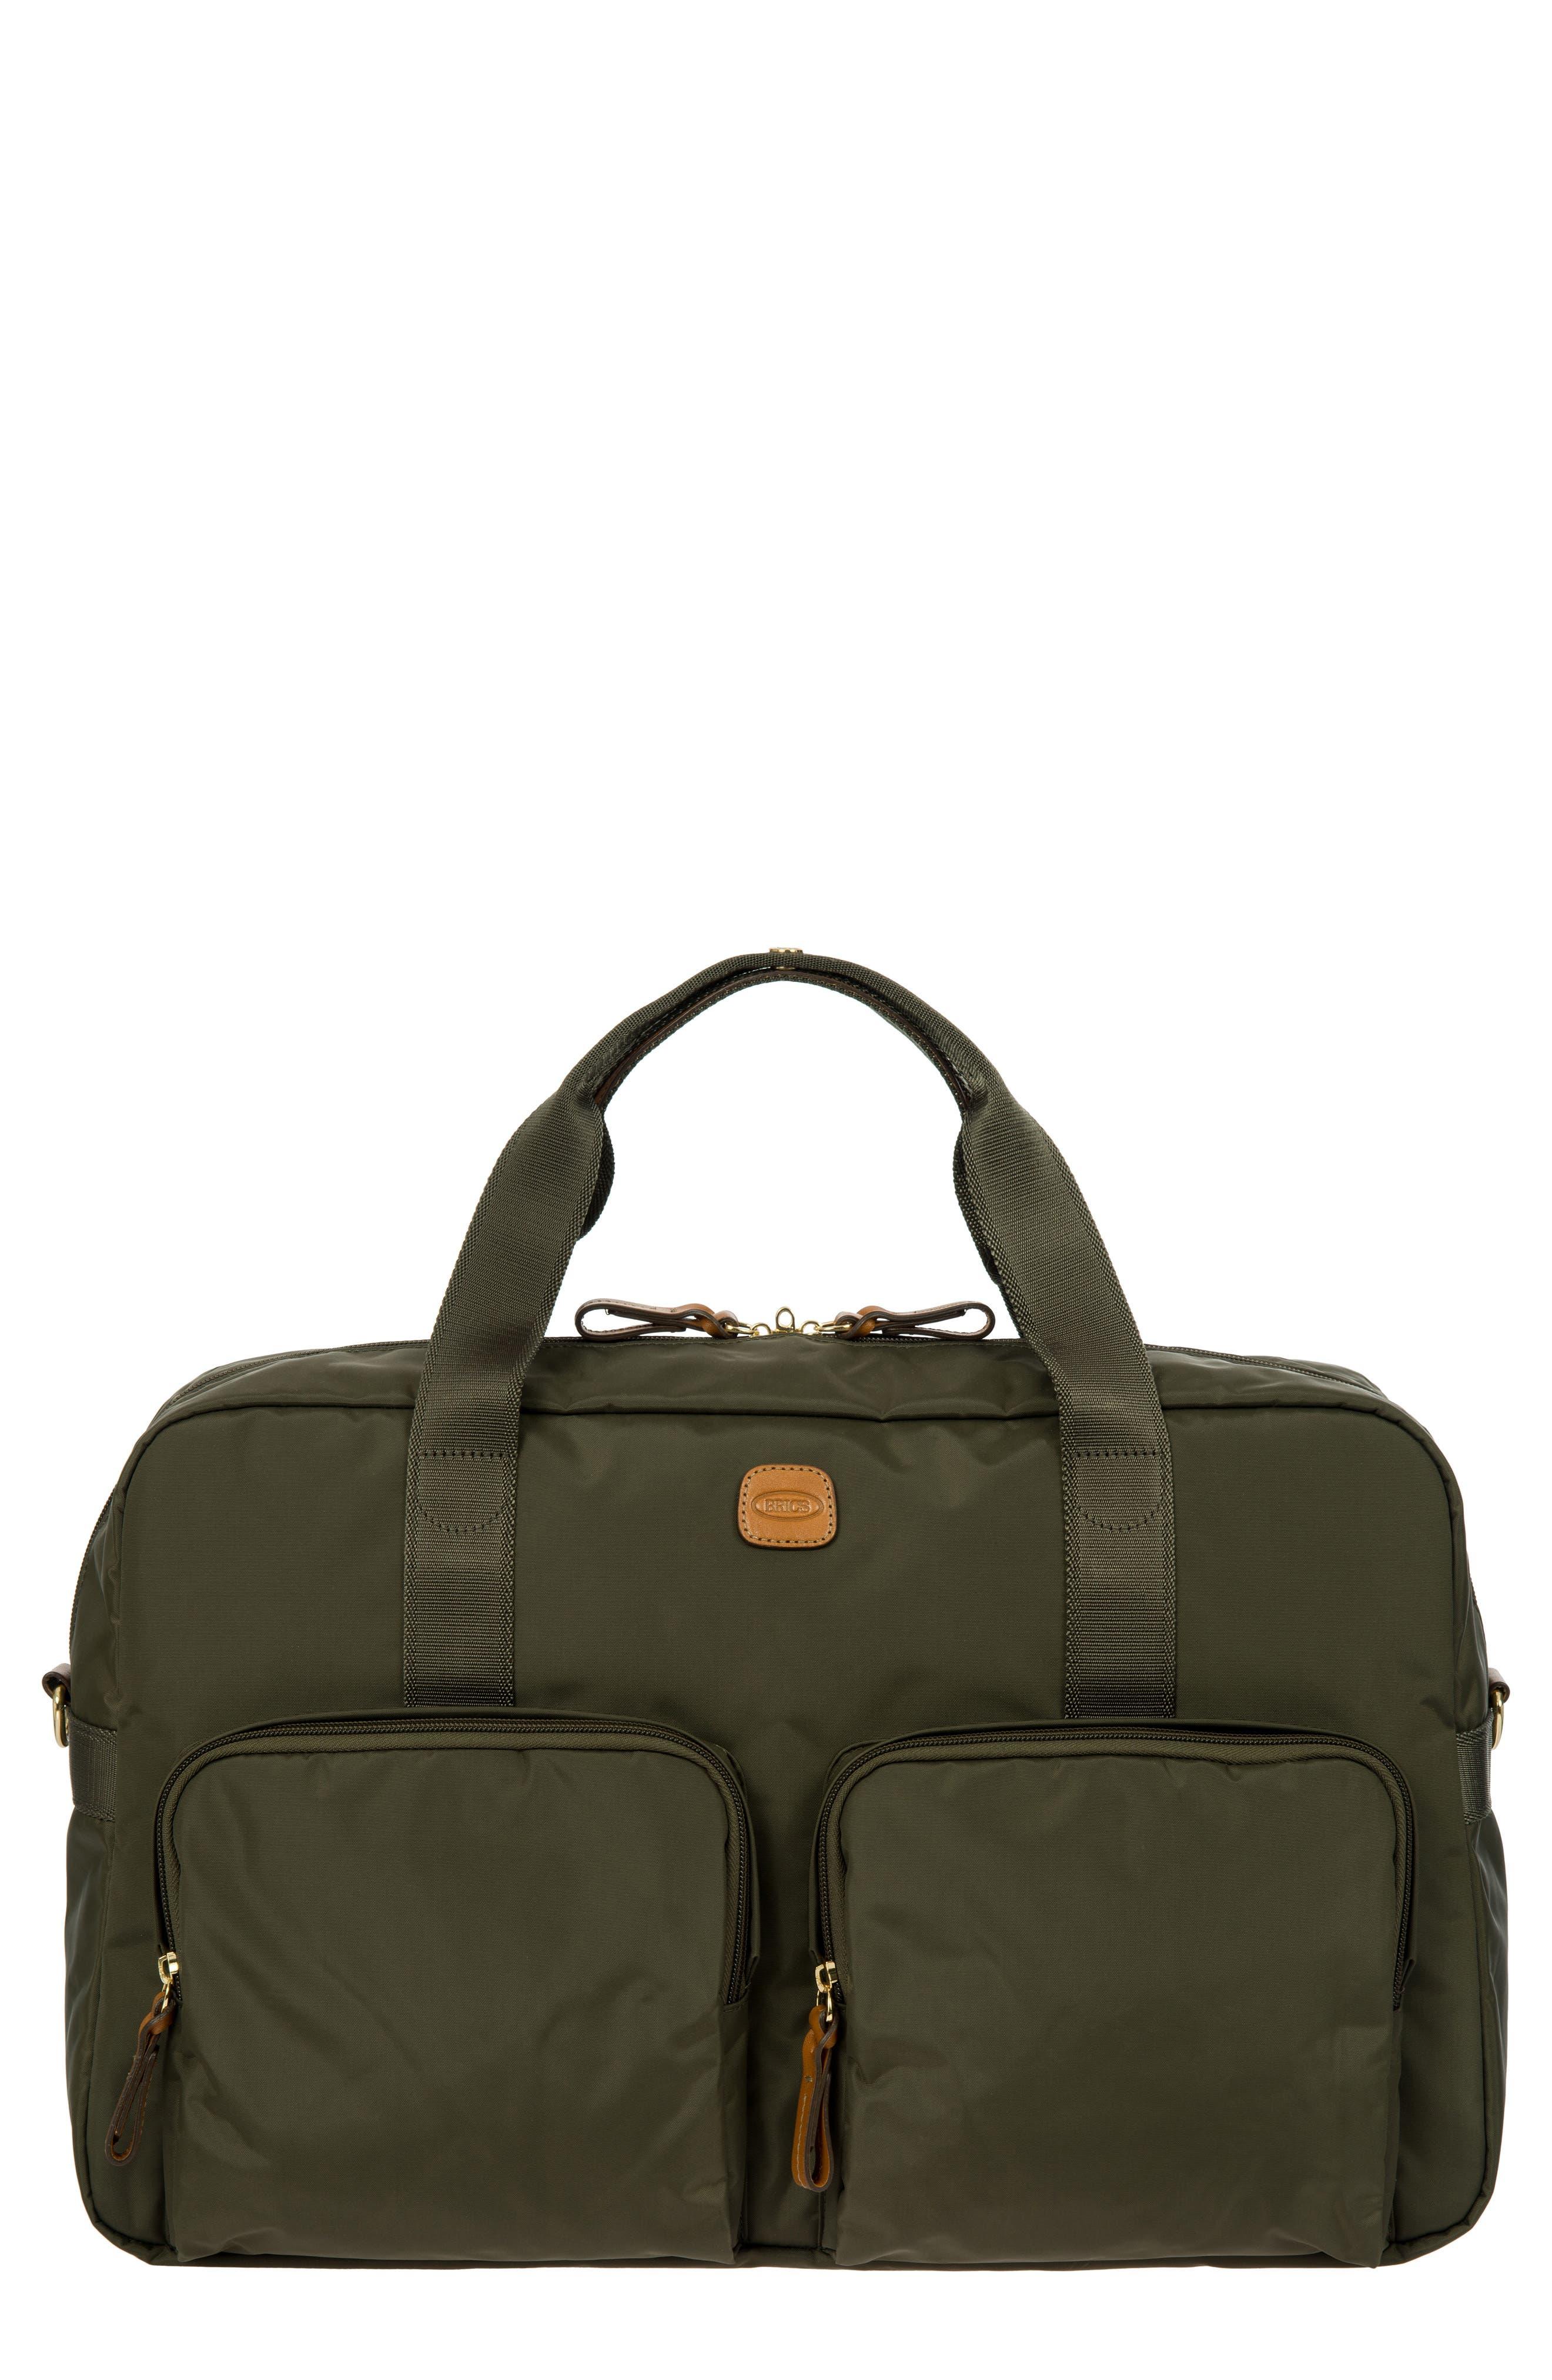 X-Bag 18-Inch Boarding Duffle Bag